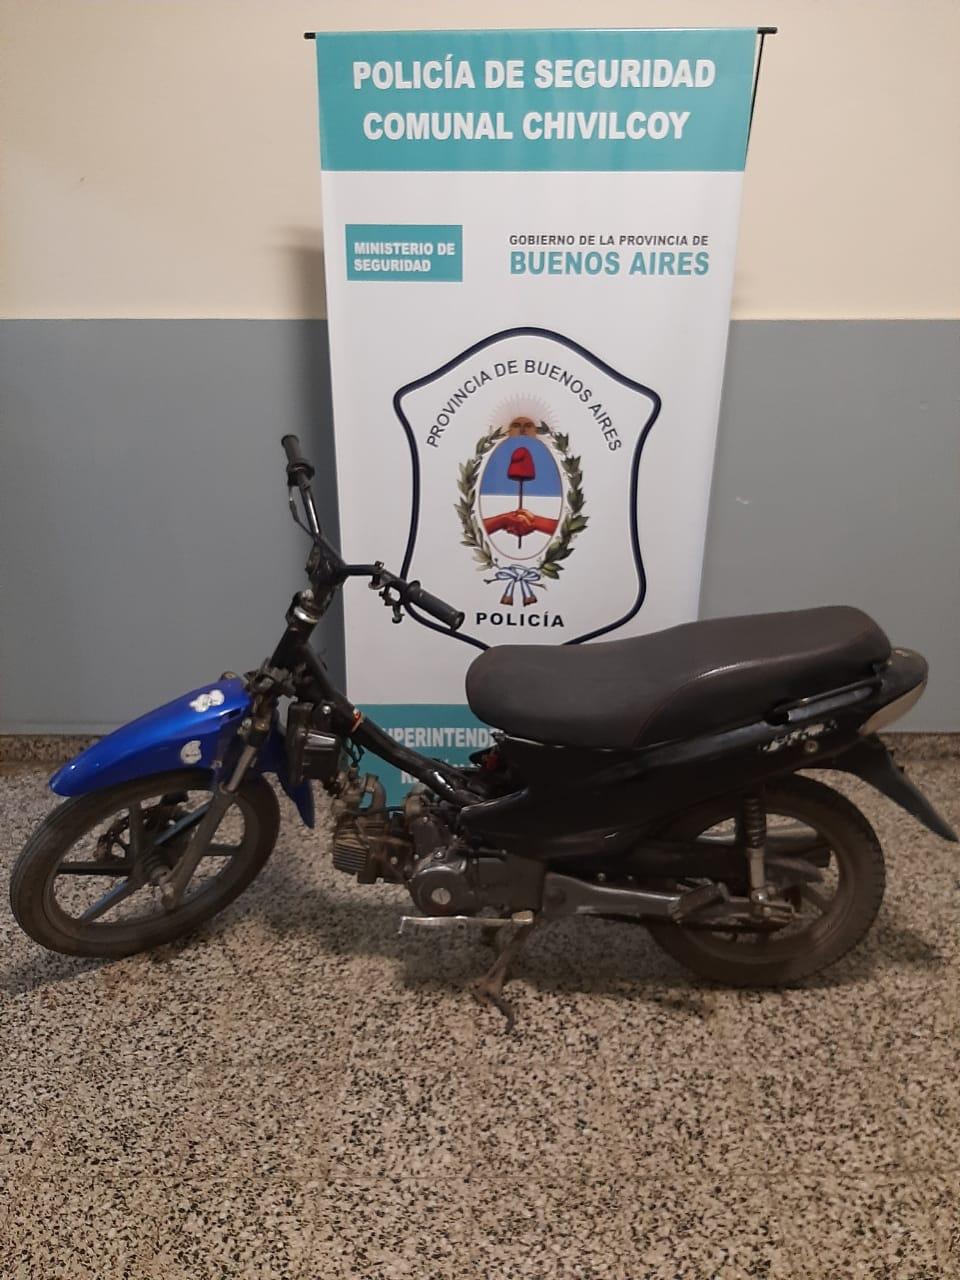 [Policiales] Dos jóvenes de 15 y 16 años aprehendidos por robo de moto